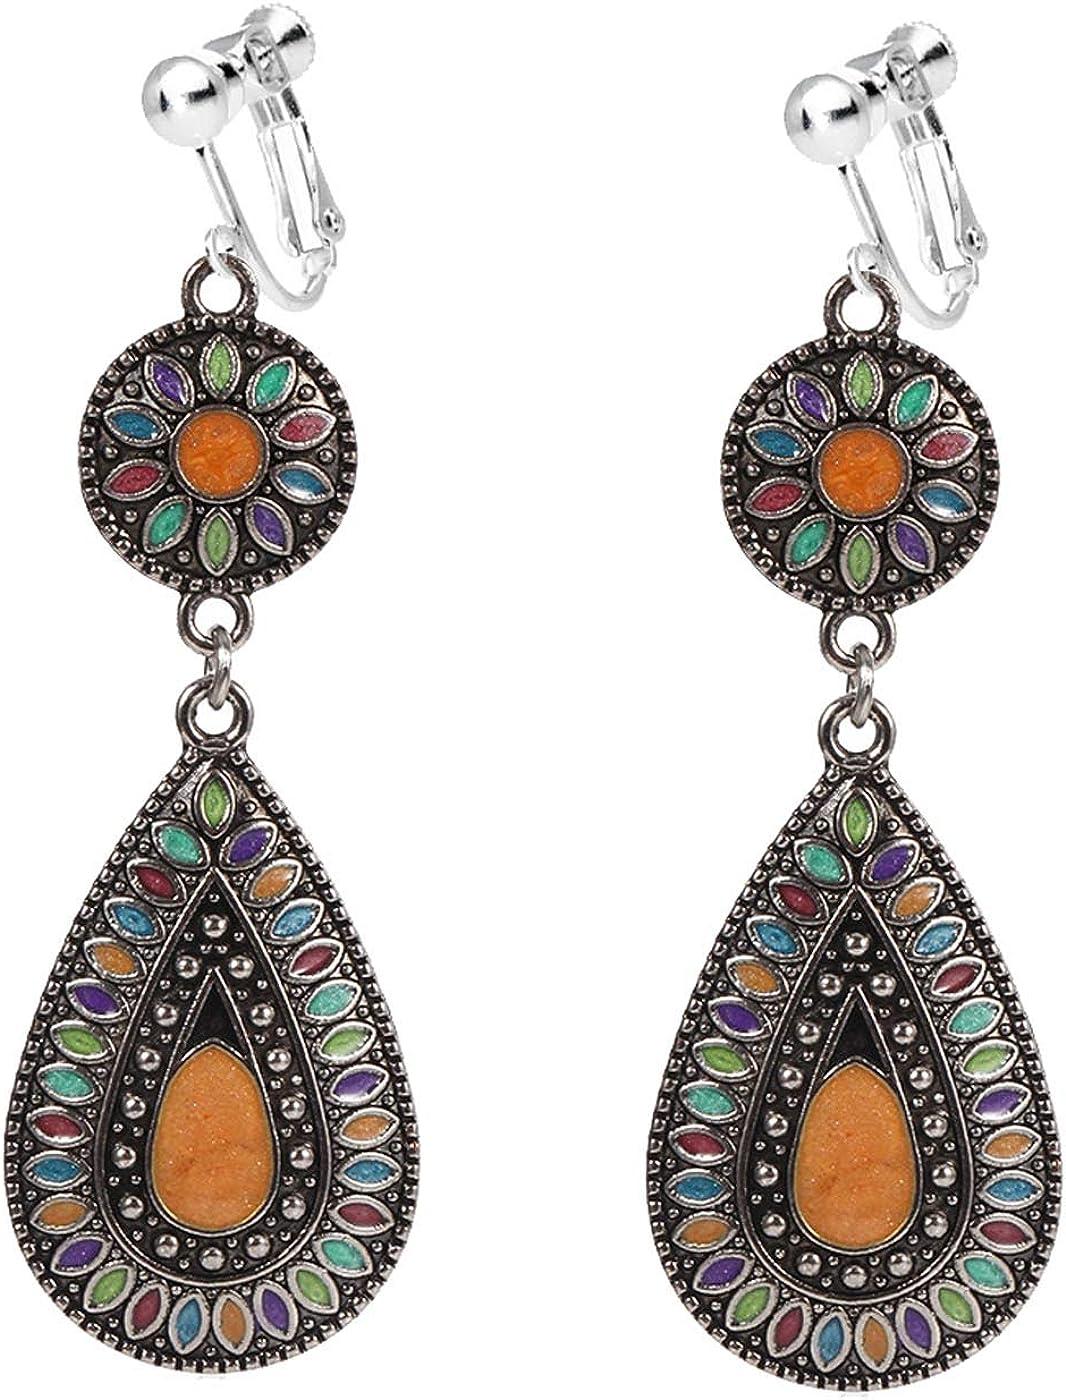 Bohemian Clip on Earrings for Women Girls Teardrop Drop Dangle Drop Vintage Style Retro Boho Enamel Ethnic Totem Flower